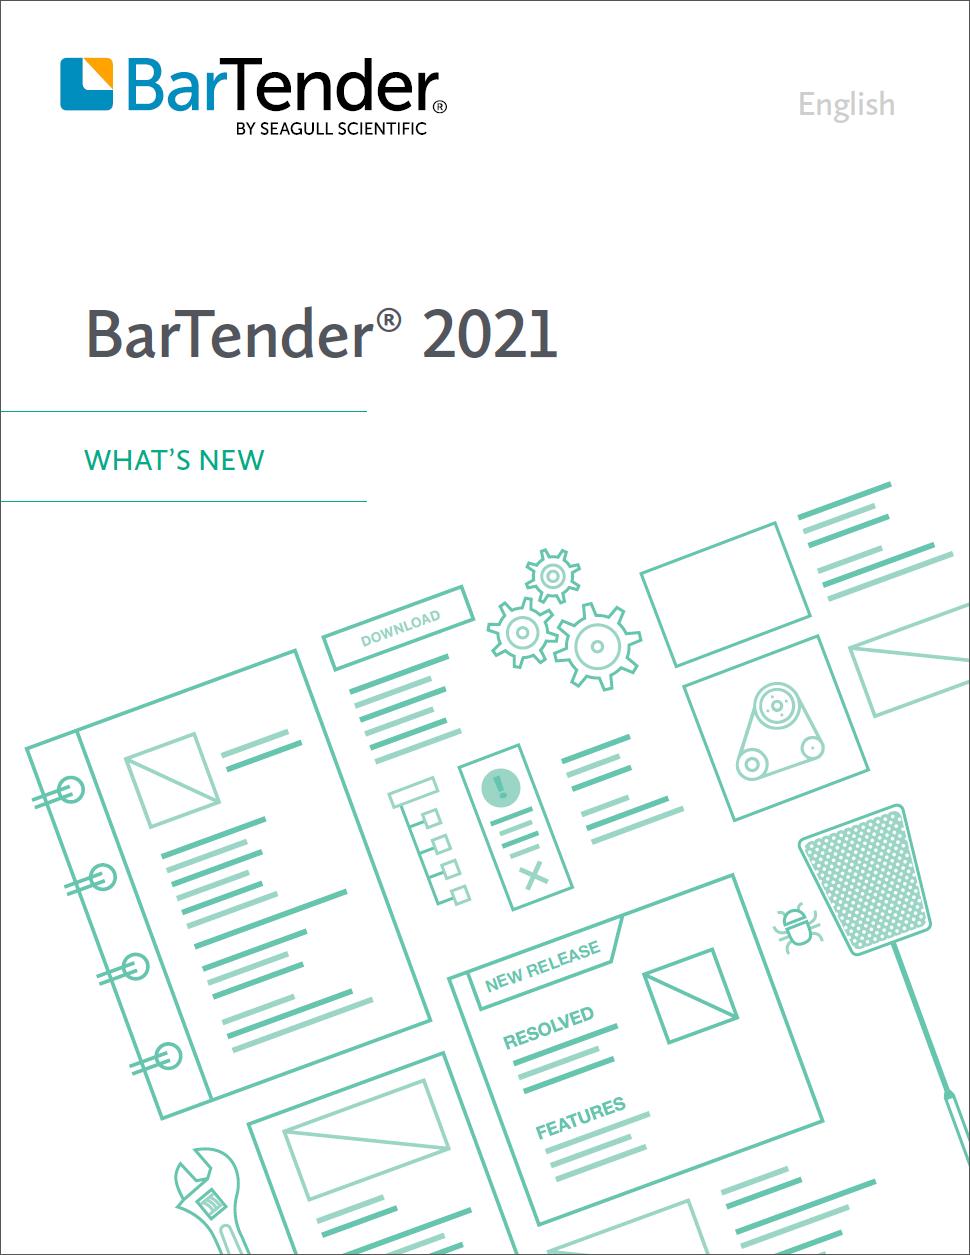 Vad är nytt i BarTender 2021